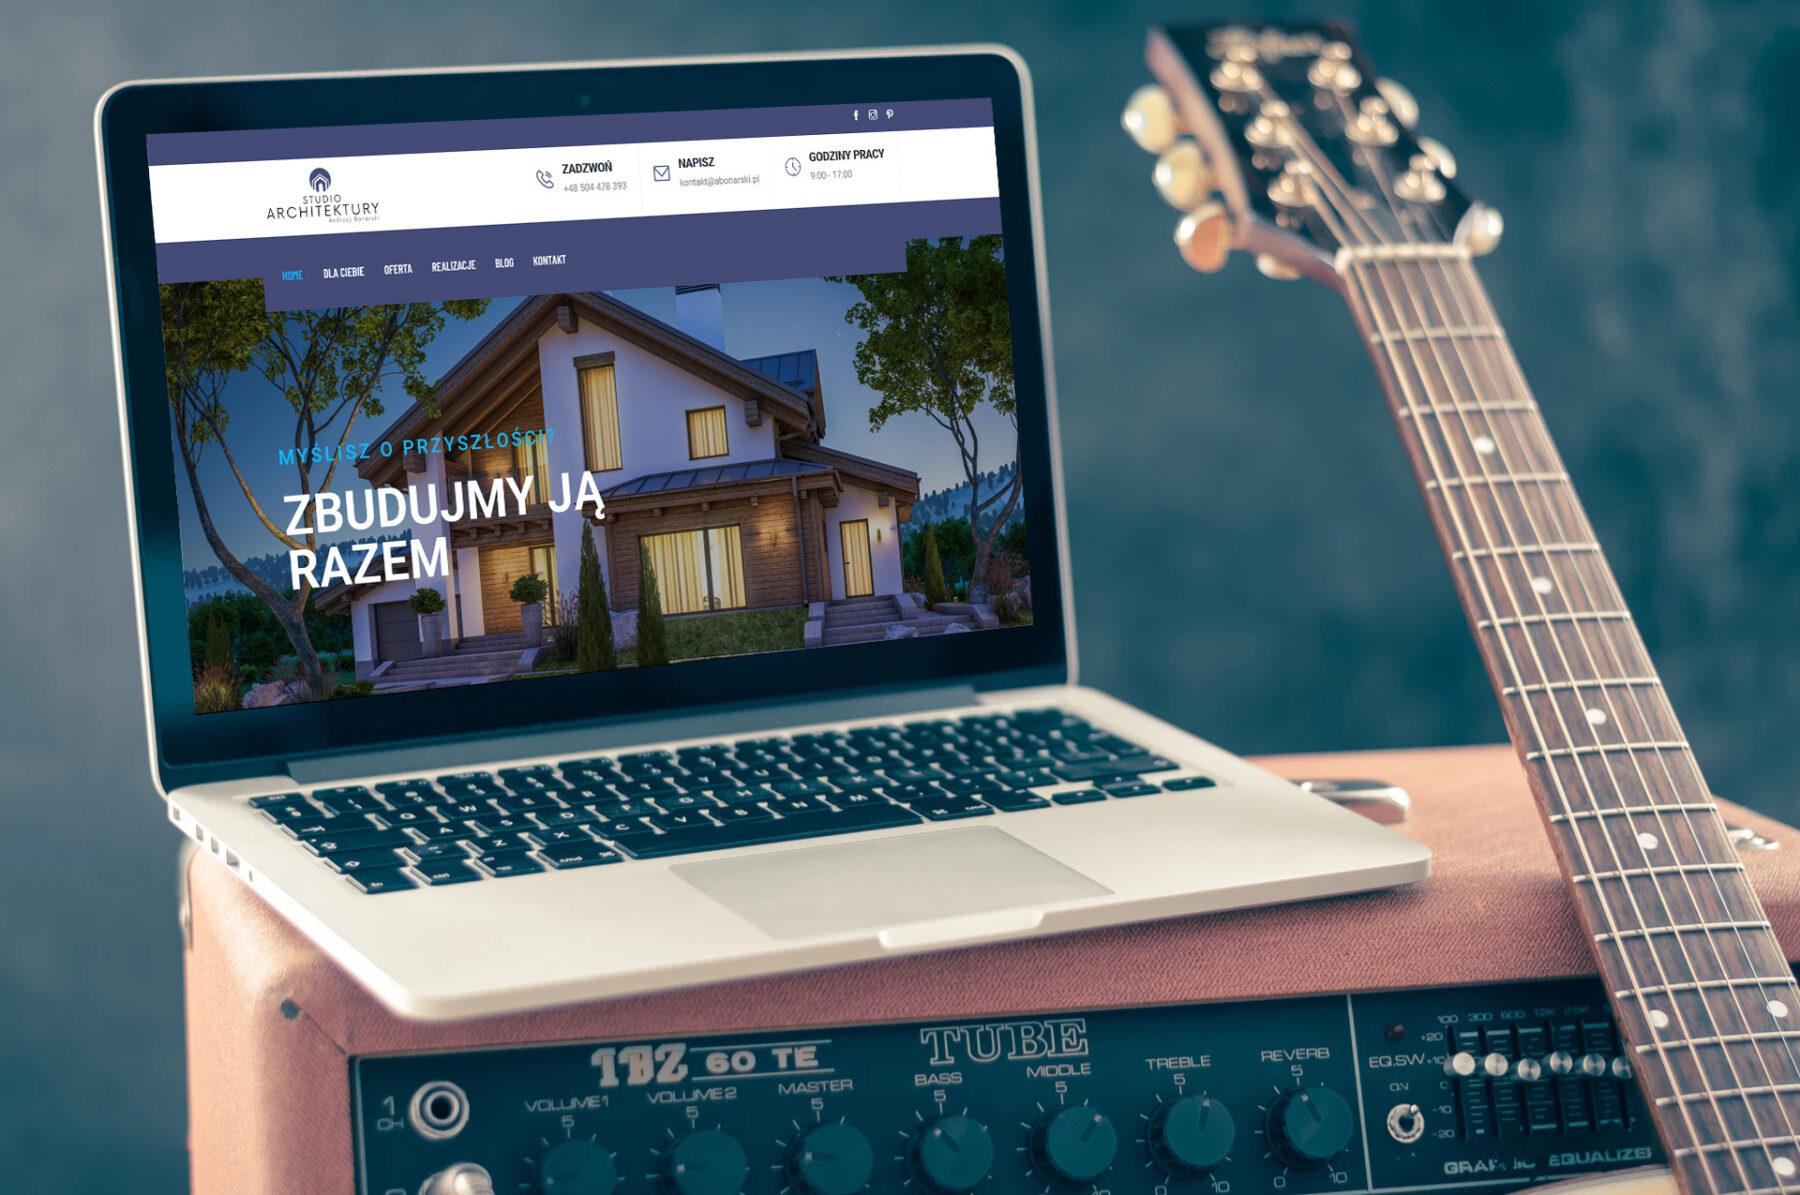 Nowa strona WWW dla firmy Studio Architektury Andrzej Bonarski